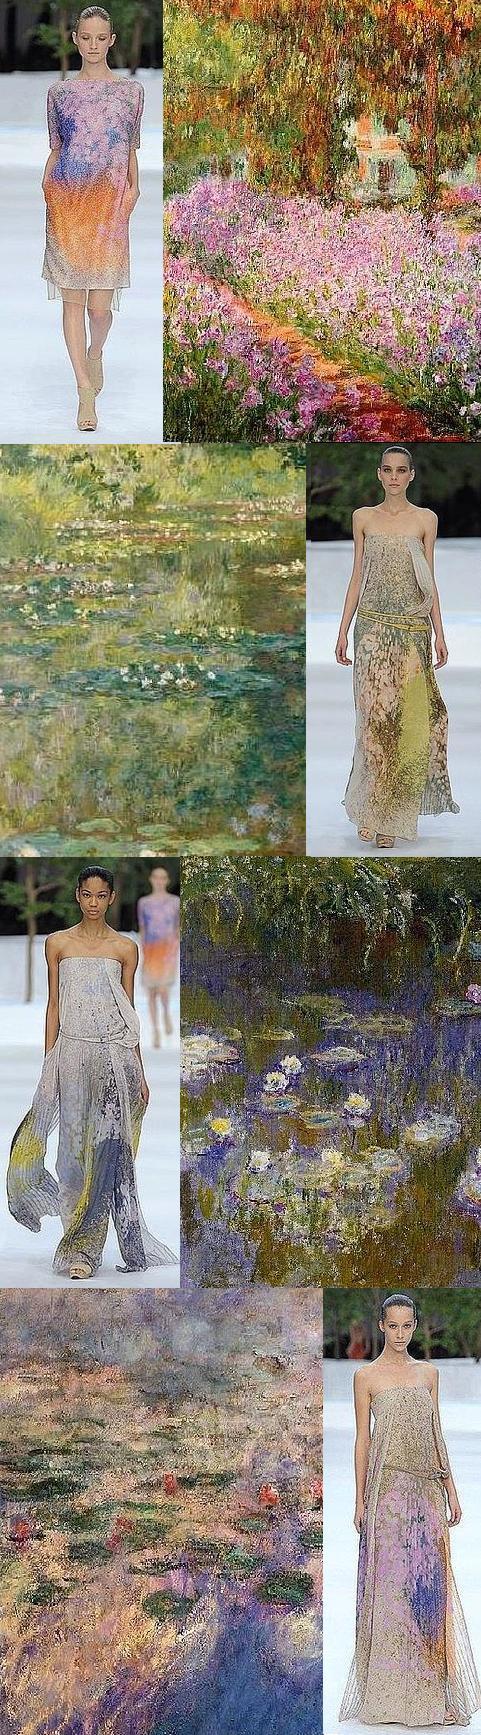 Moda e Arte - Albert Kriemler para Akris 2009 - Monet